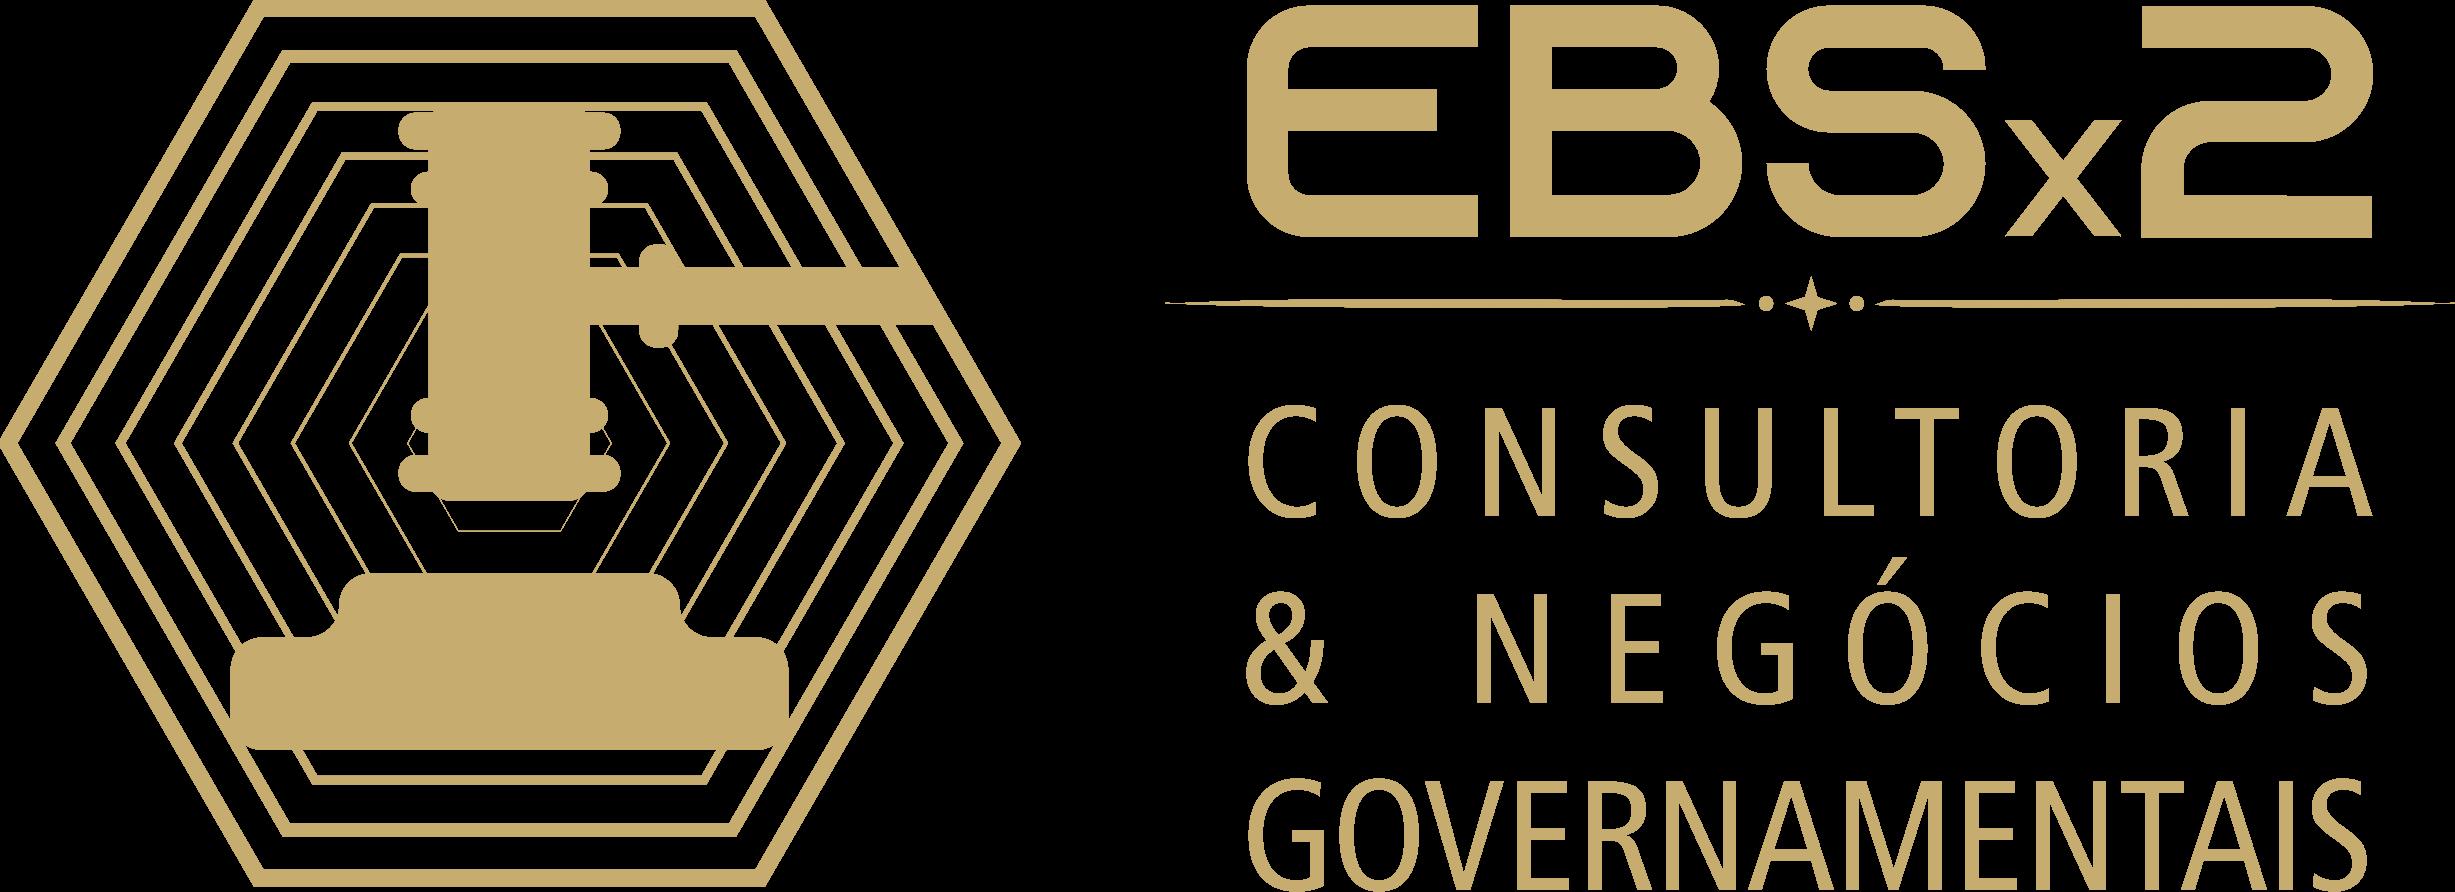 EBSX2 – Consultoria e Negócios Governamentais